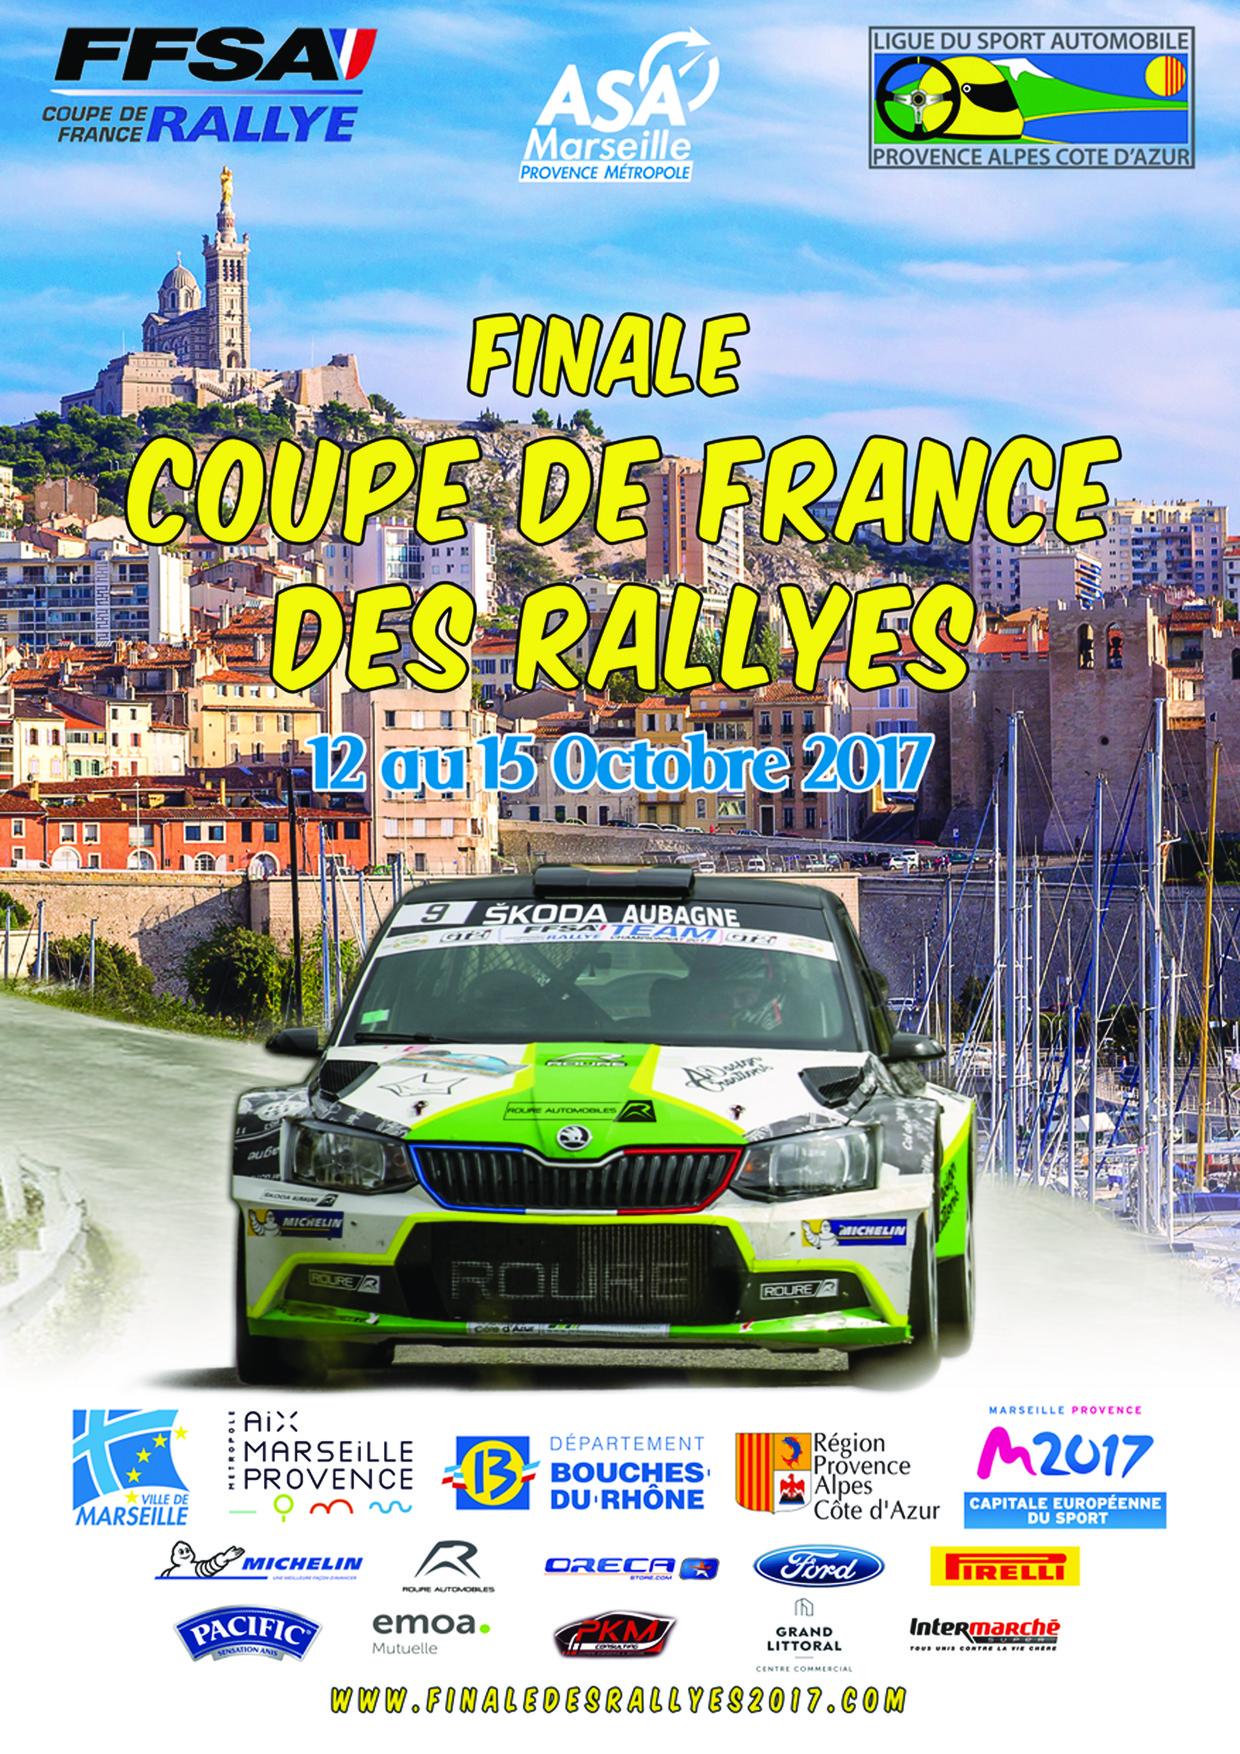 Finale coupe de france des rallyes 2018 71 - Finale coupe de france des rallyes ...